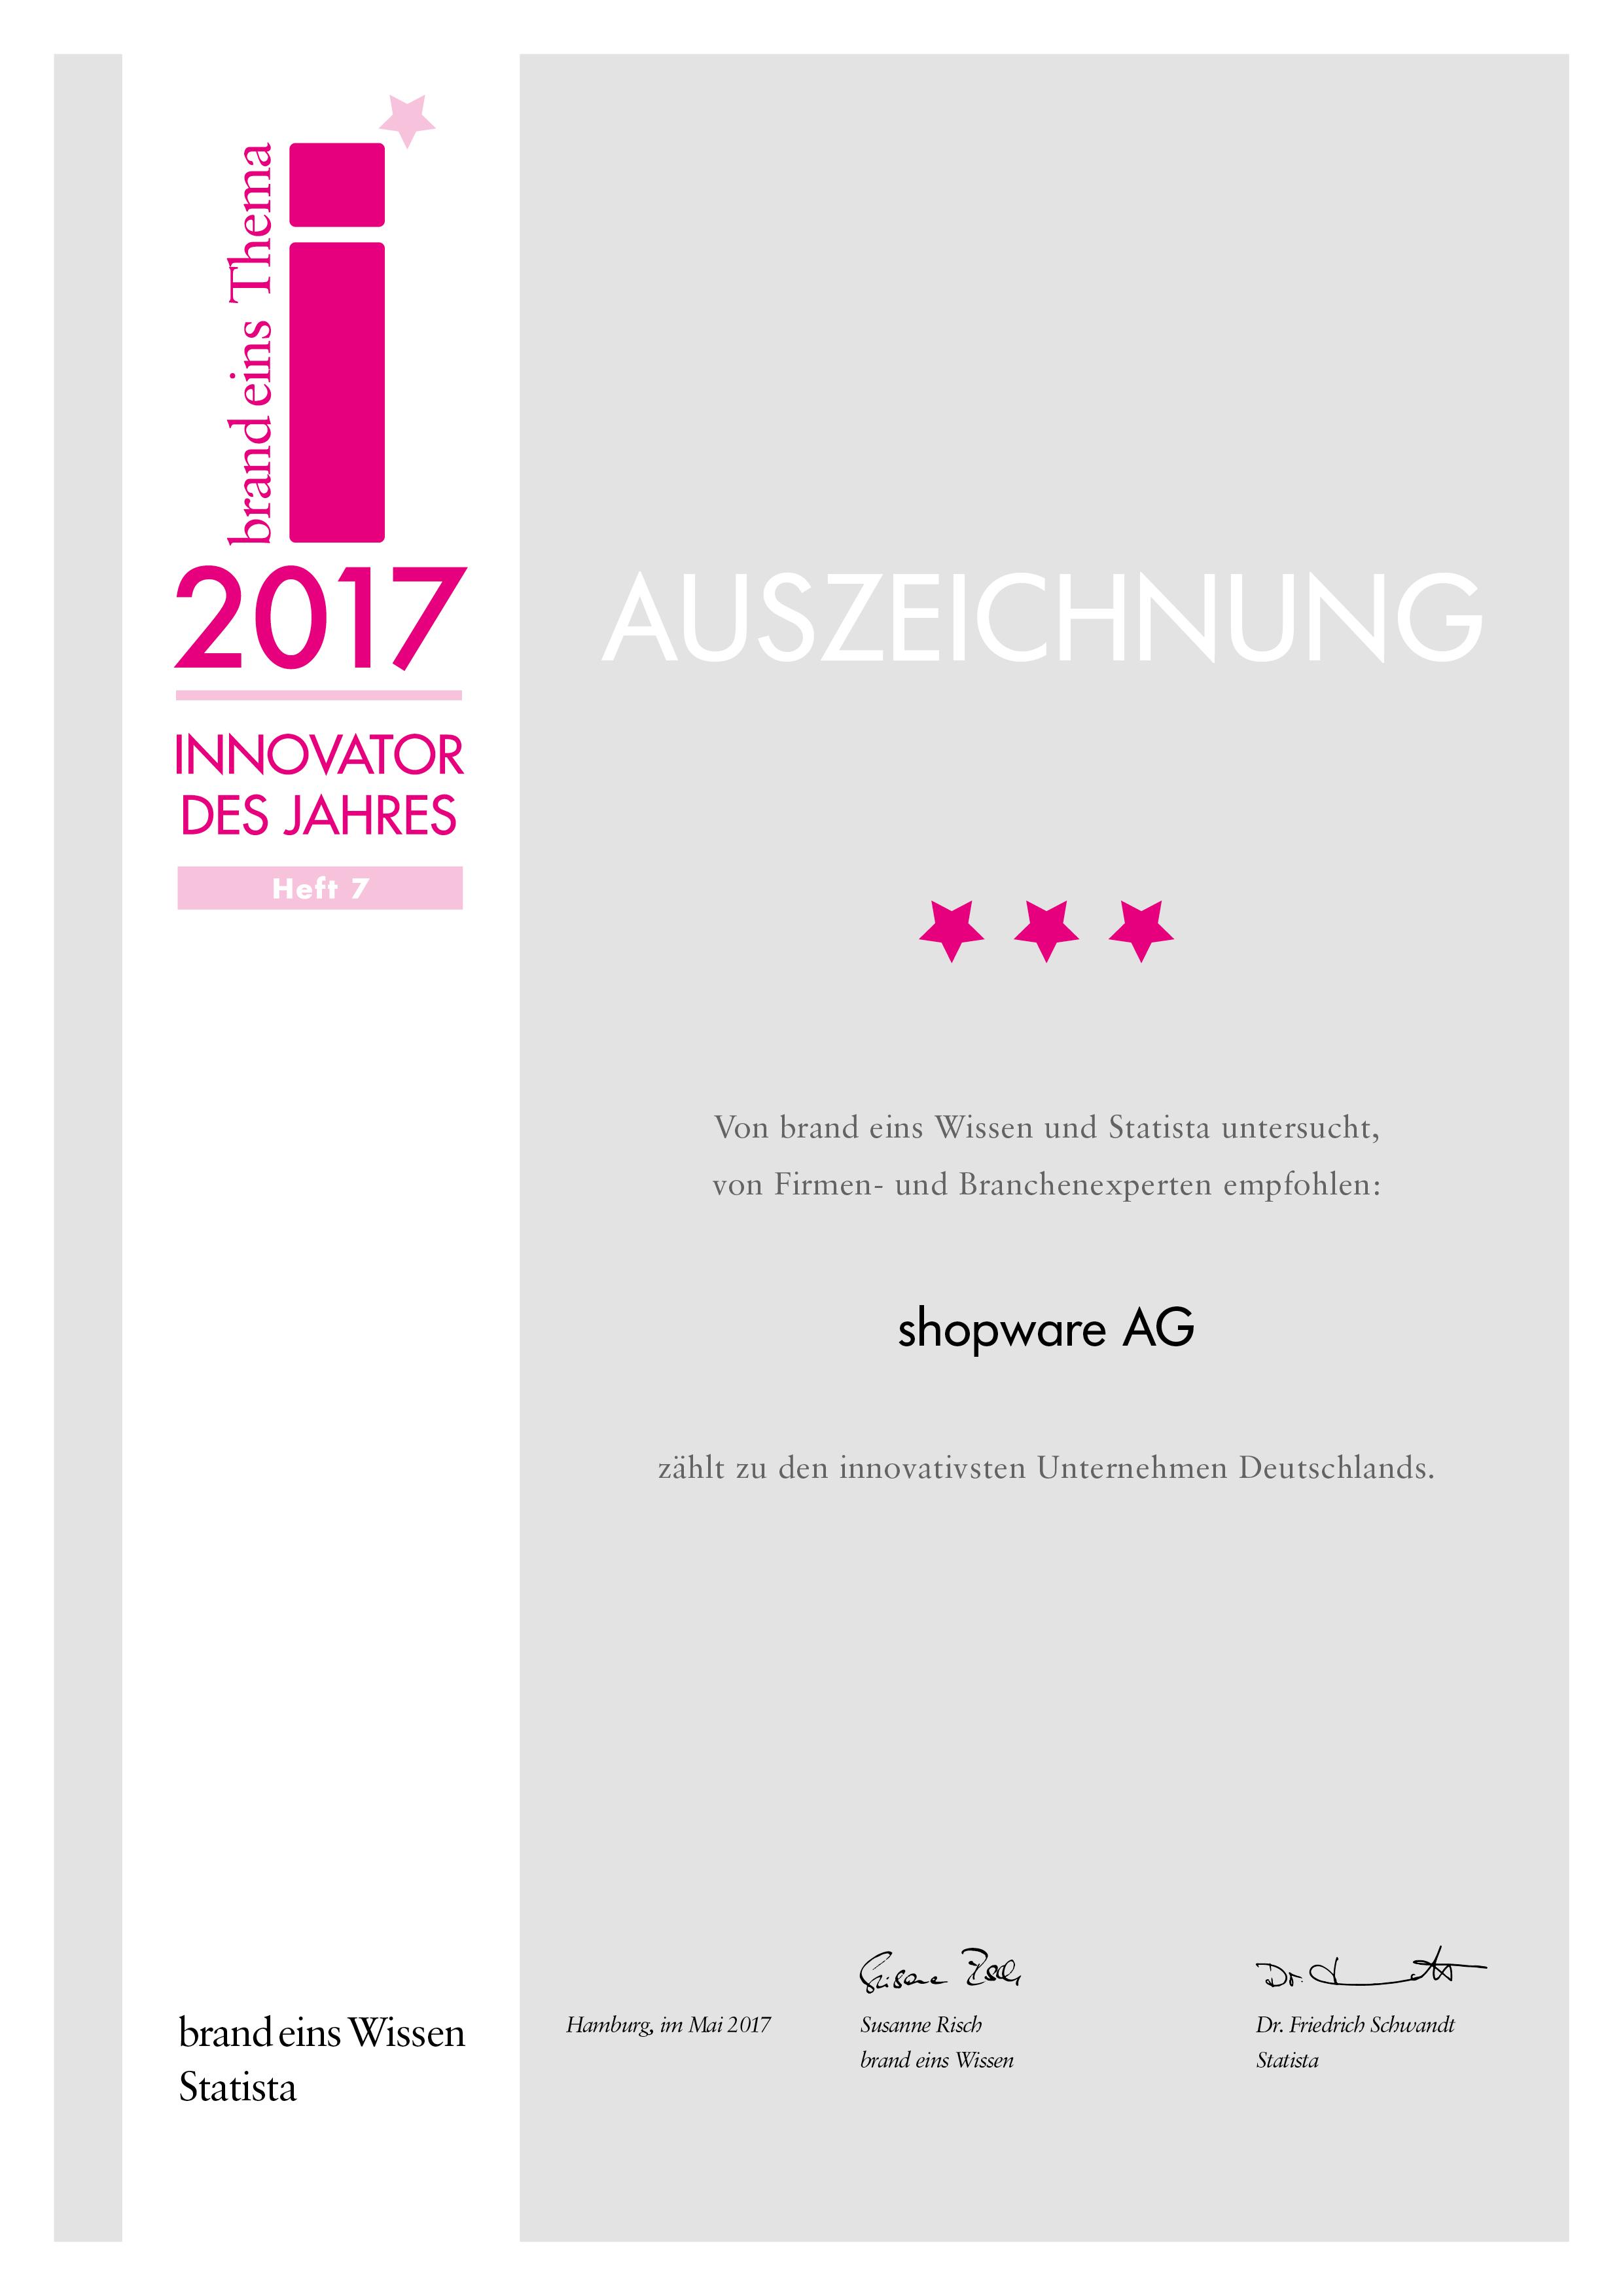 BrandEins_Urkunde_shopware_AG